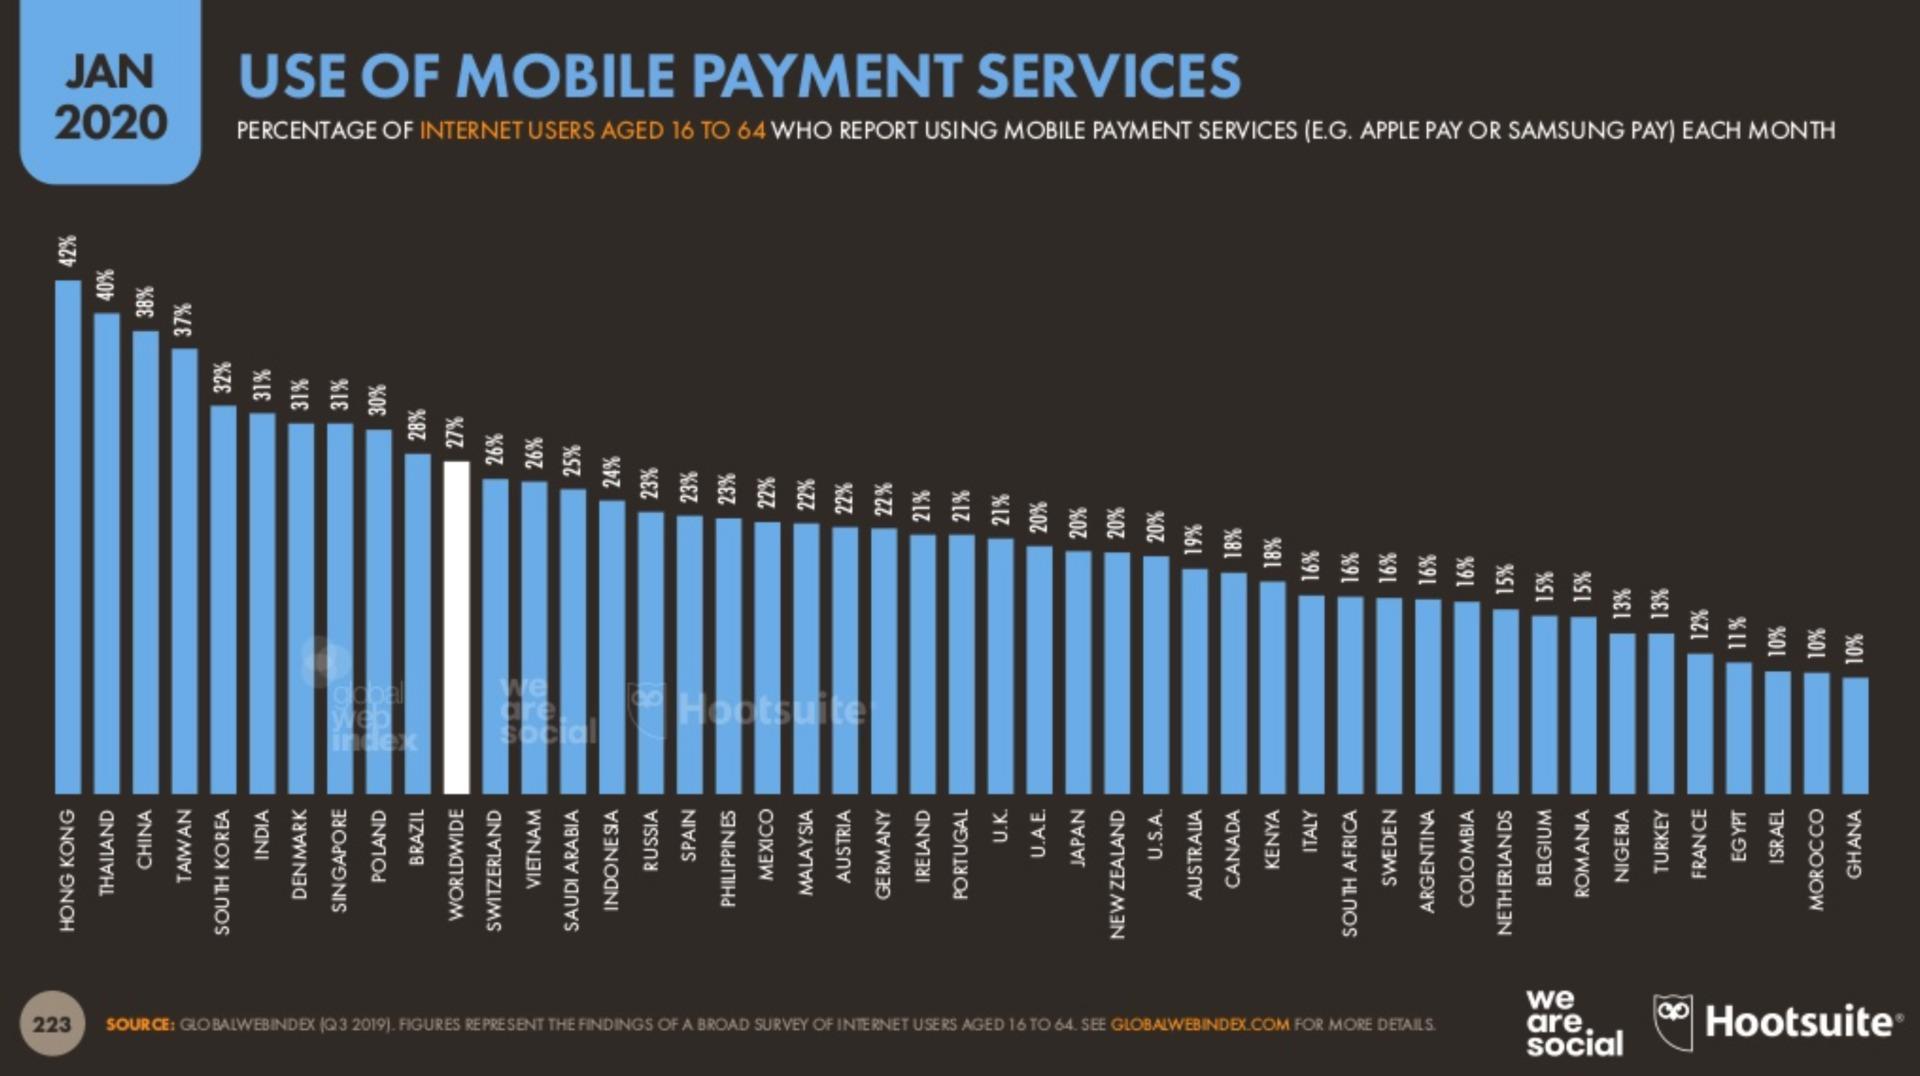 スマホでの支払いが多い国のランキング